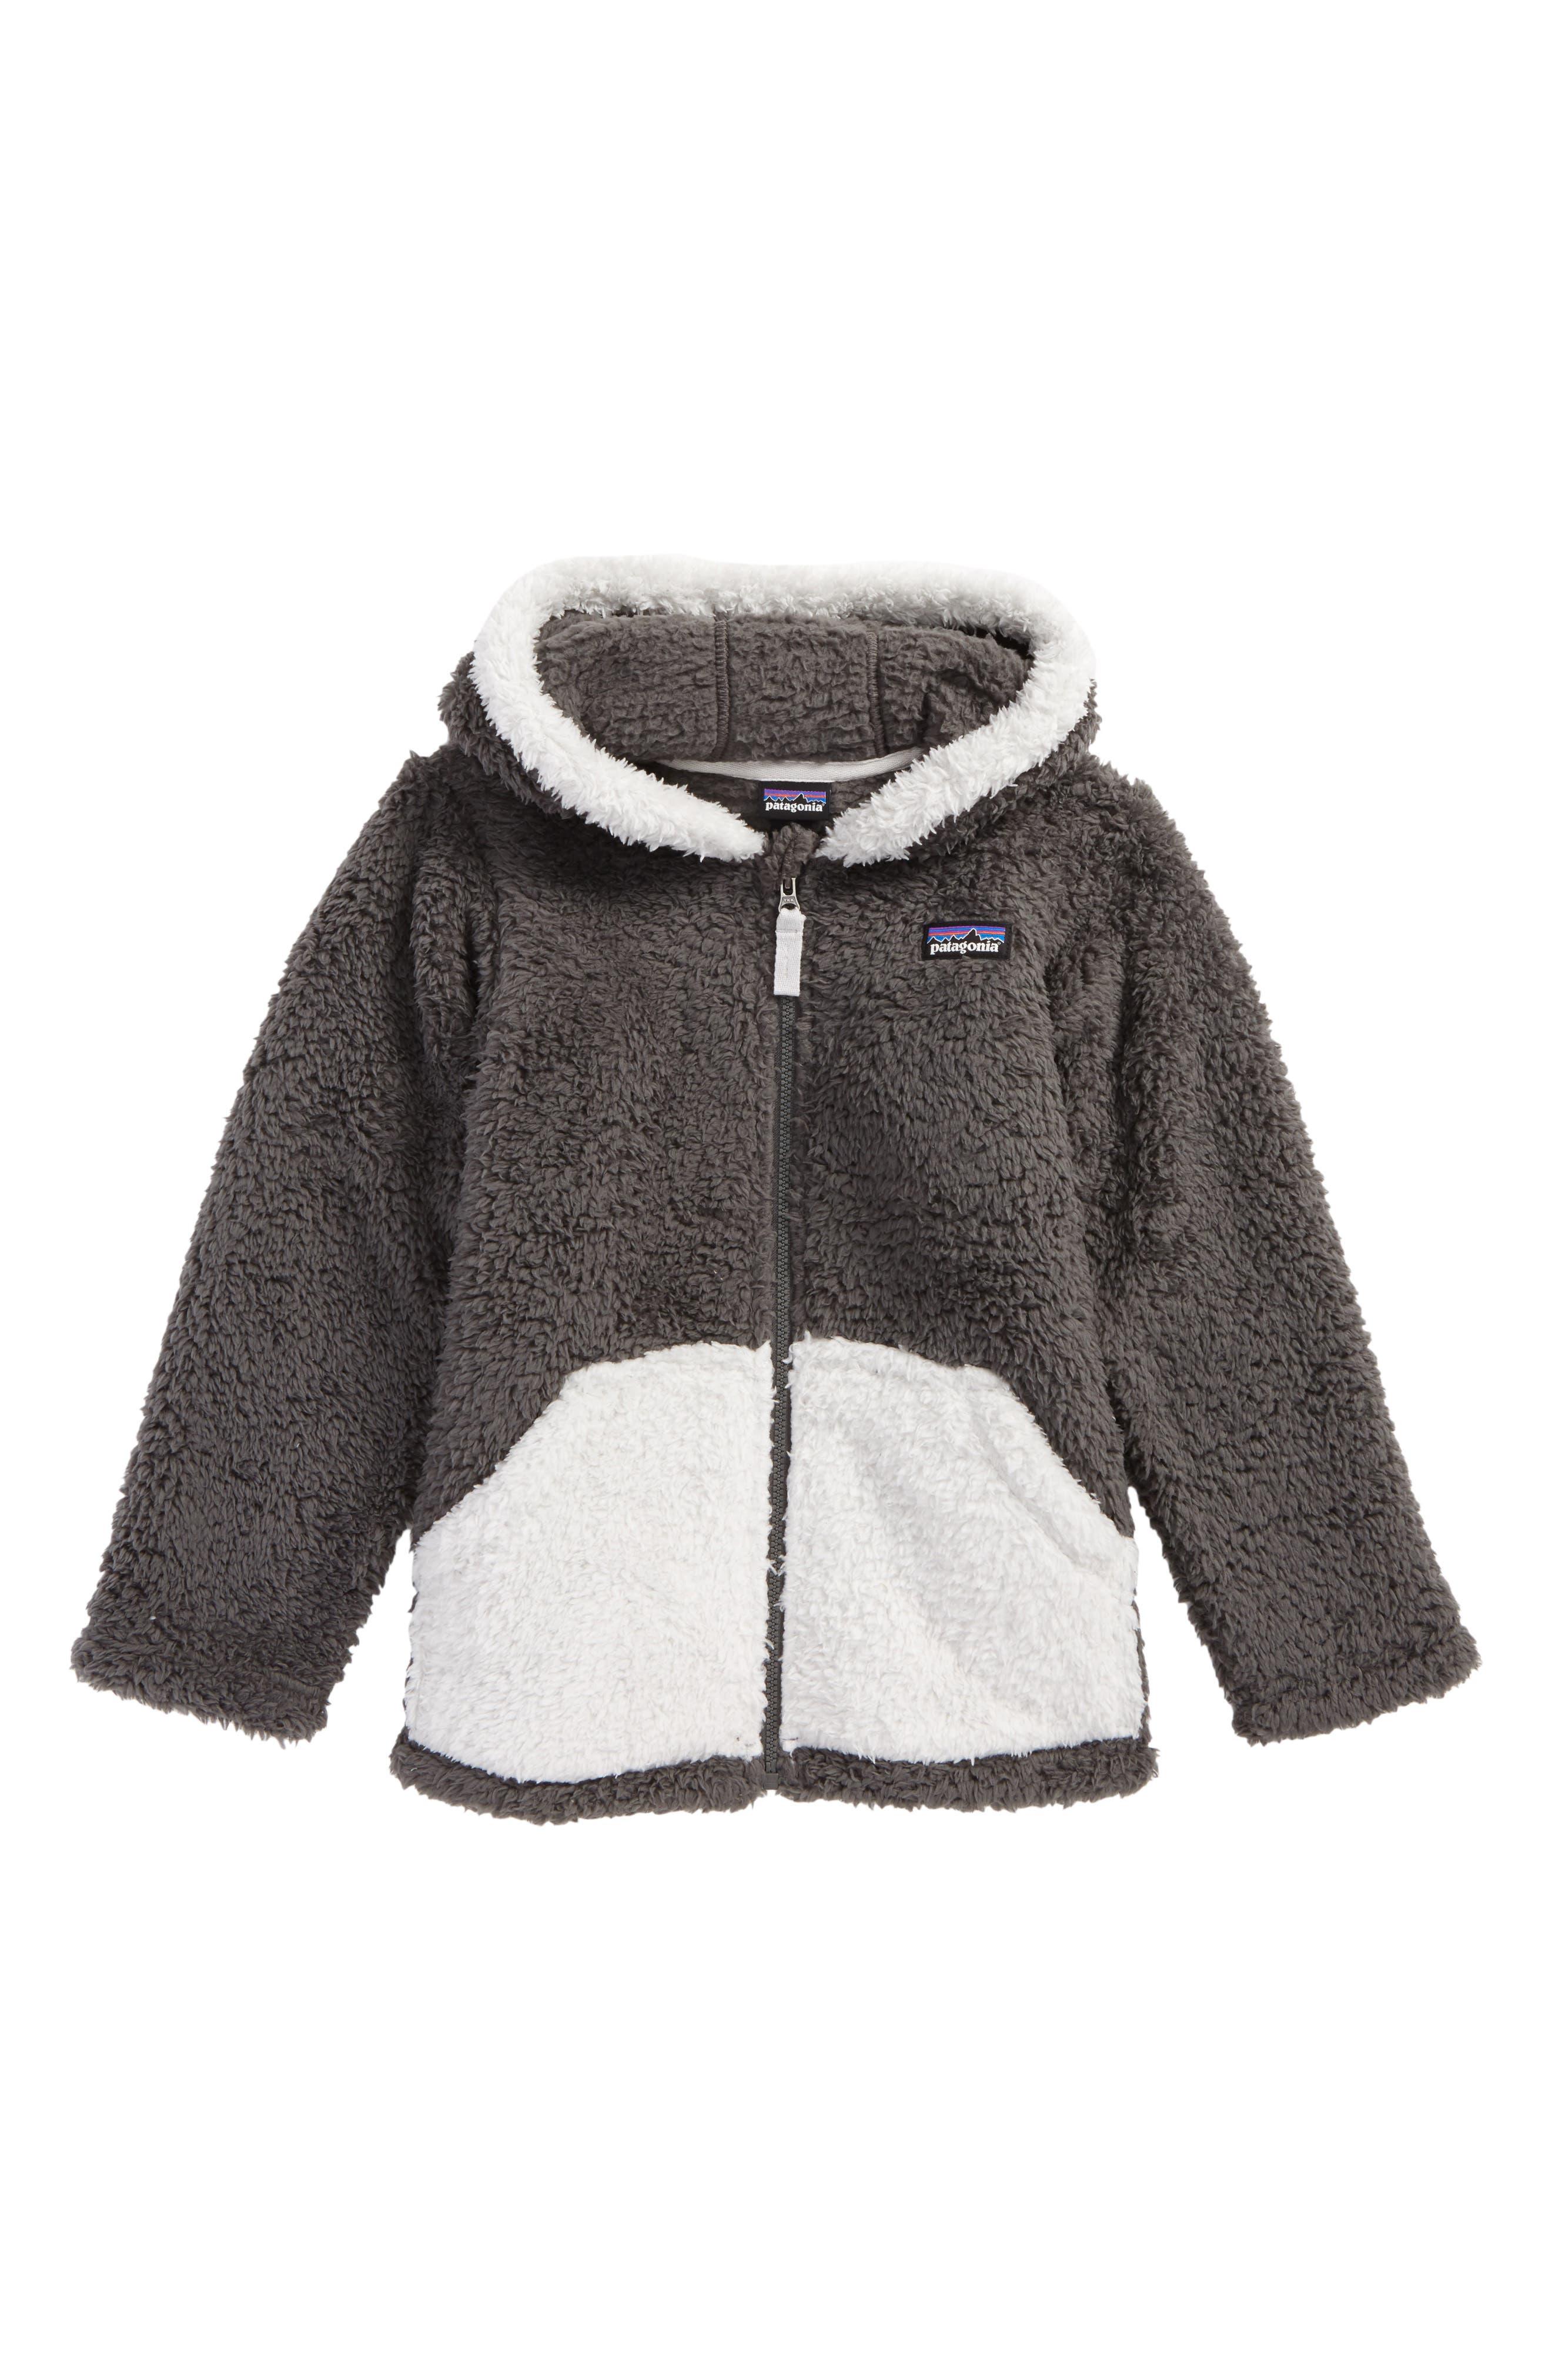 Alternate Image 1 Selected - Patagonia Furry Friends Zip Hoodie (Toddler Boys)